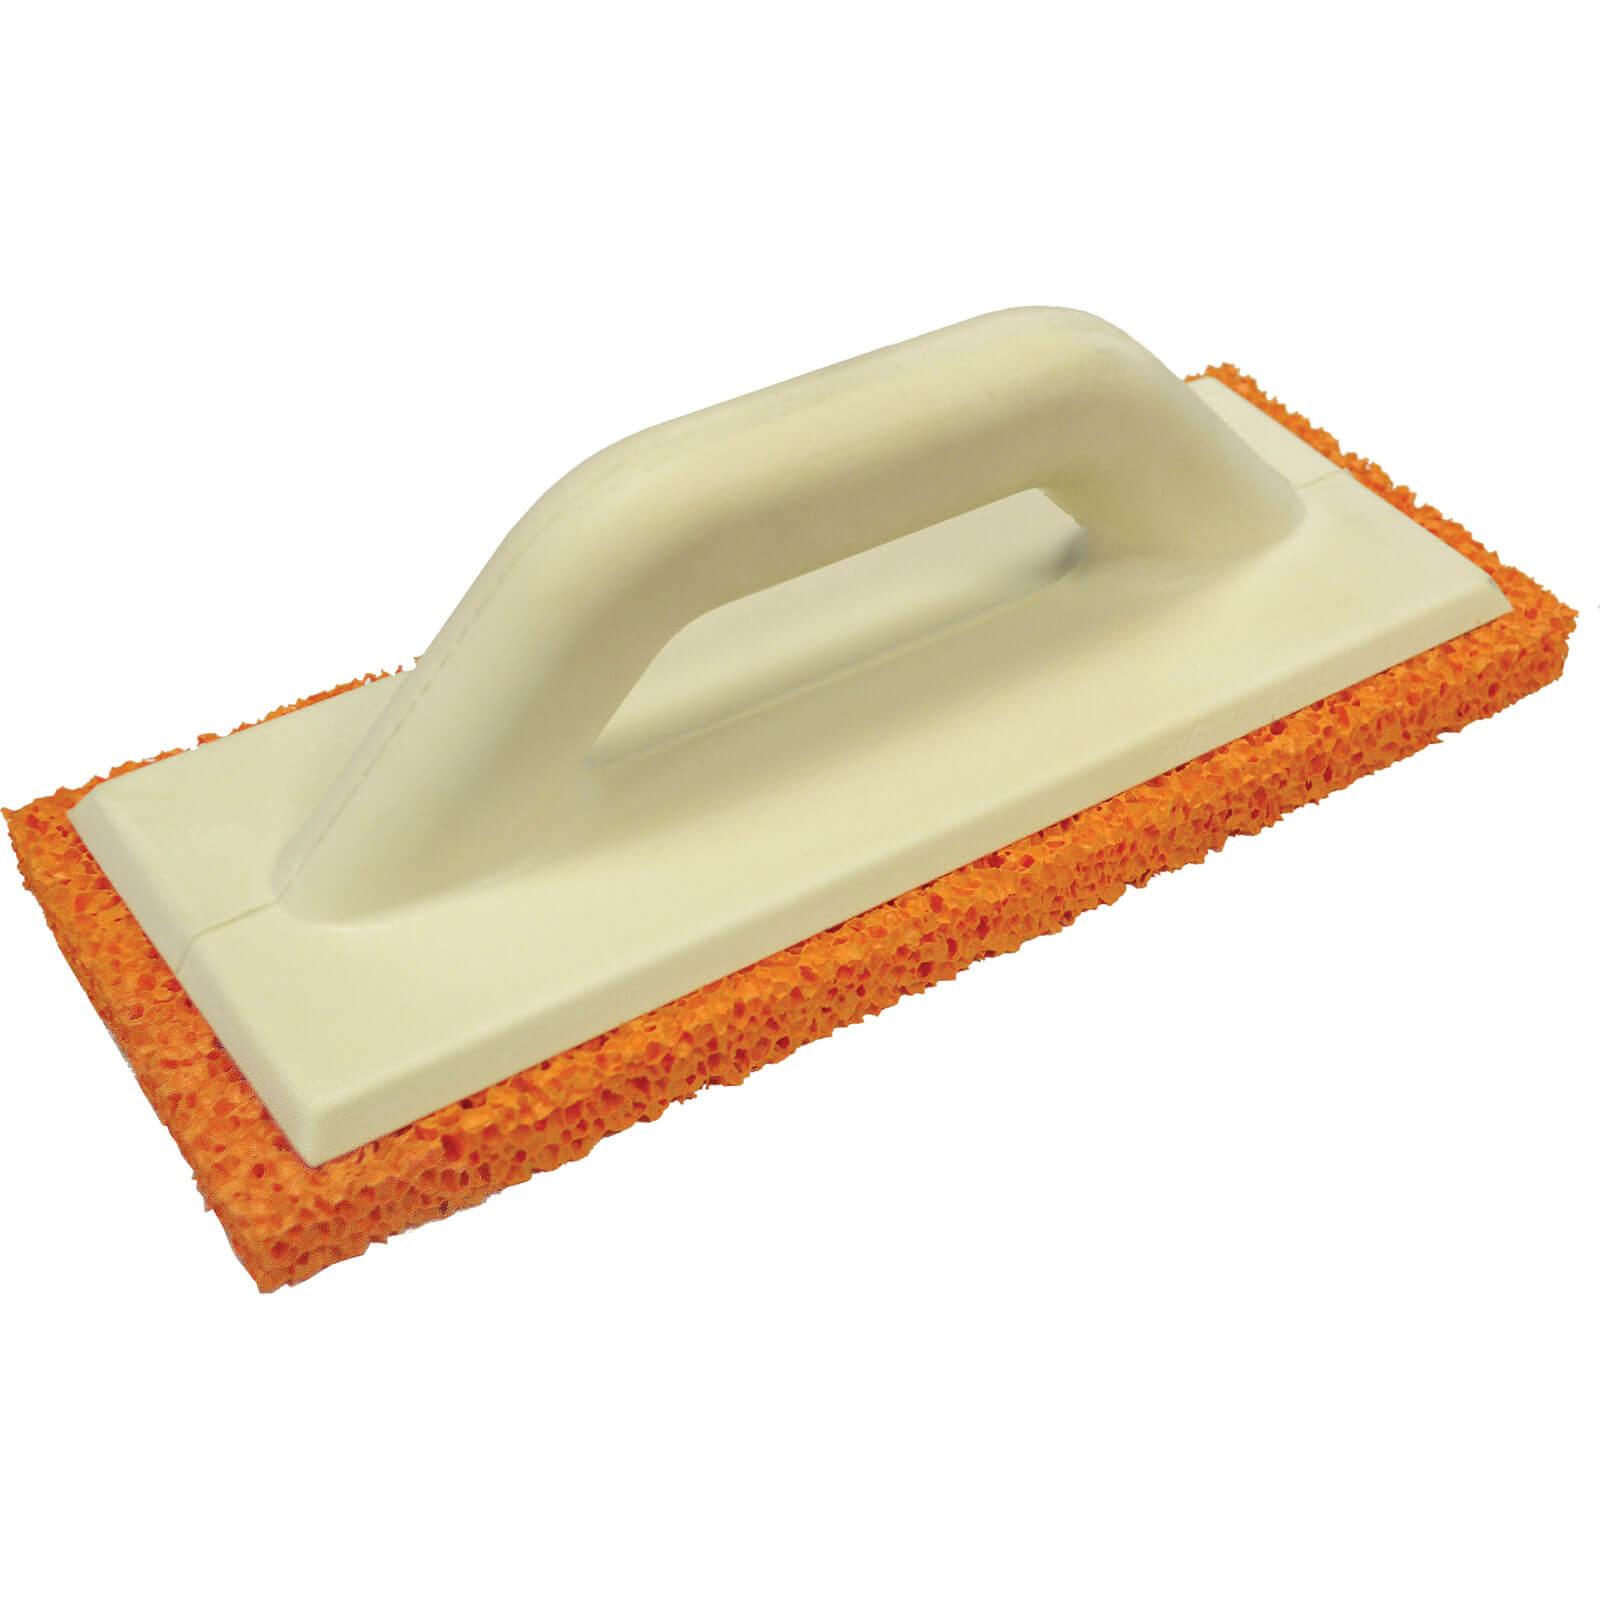 Image of Faithfull Sponge Plasterers Float 280mm 115mm